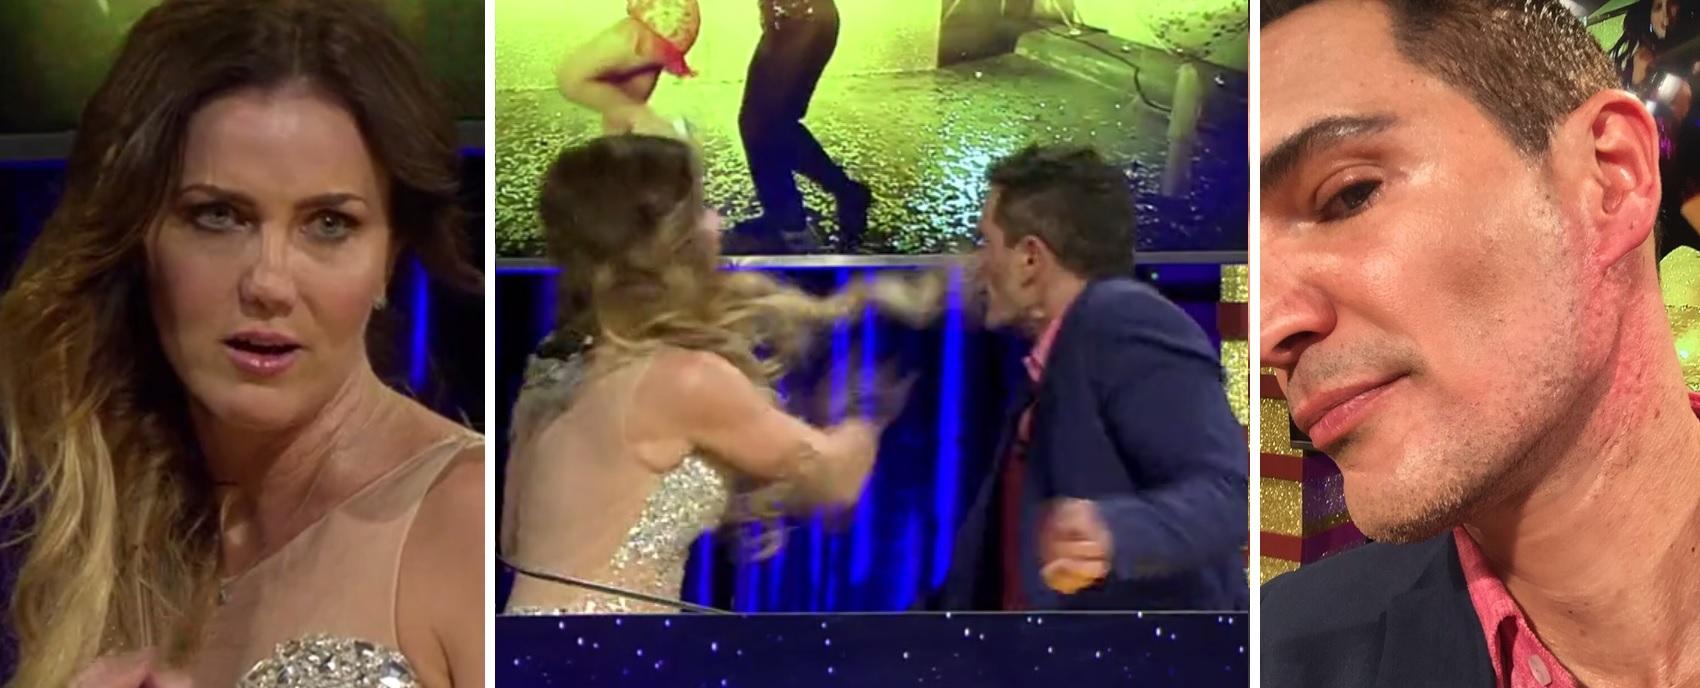 Golpean al actor Julio Camejo en la cara durante un reality show - Univision